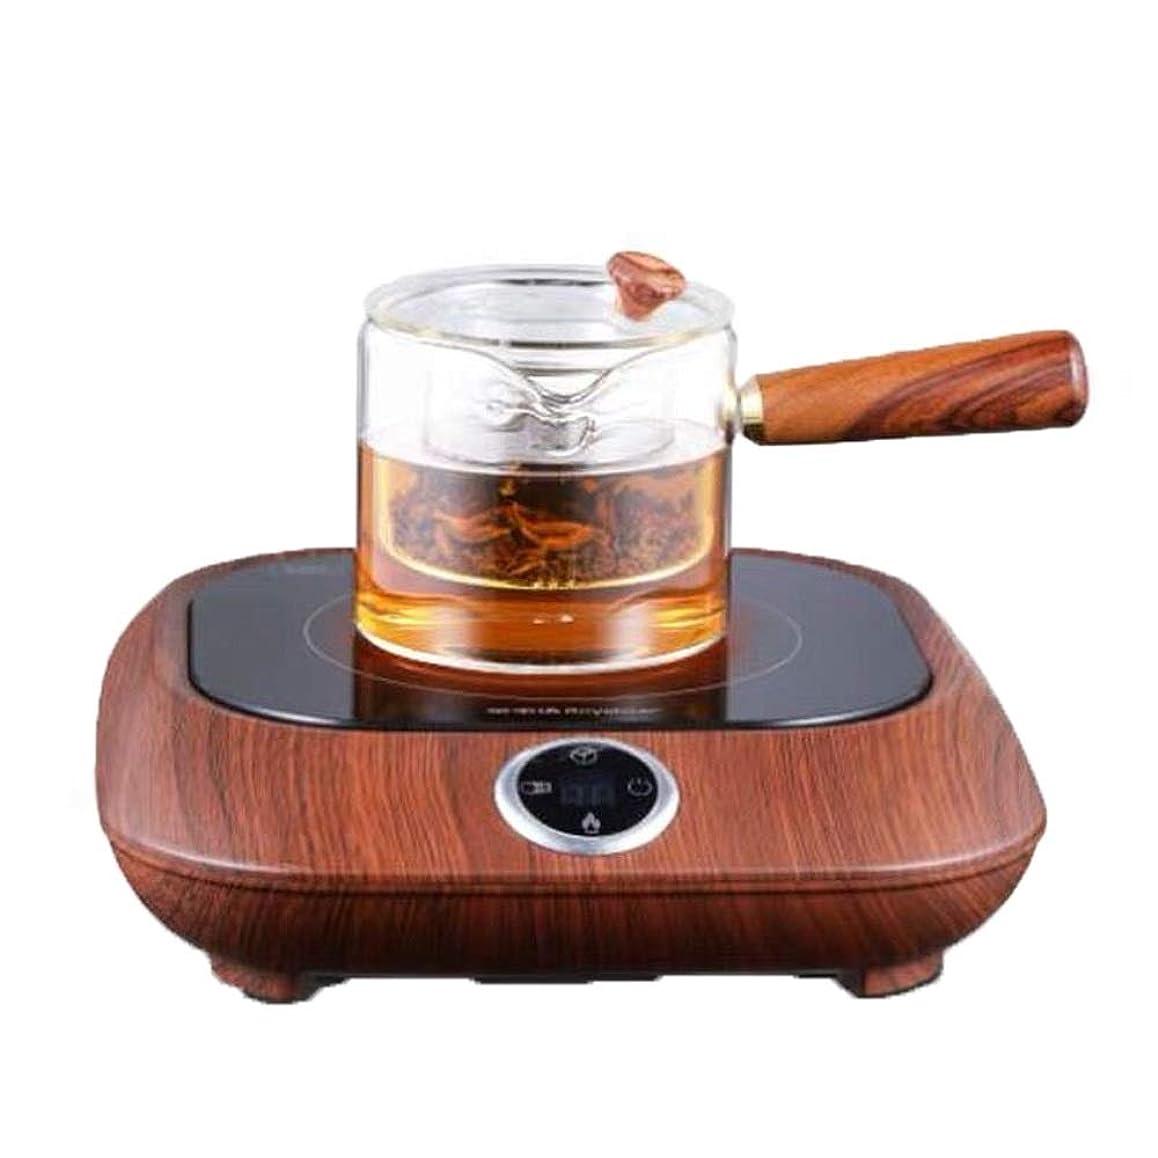 生まれエンディング好奇心盛茶ストーブヒーター家茶メーカーガラスバブル小型ミニ電気セラミックストーブ茶小型電気ストーブミルクウォーマー